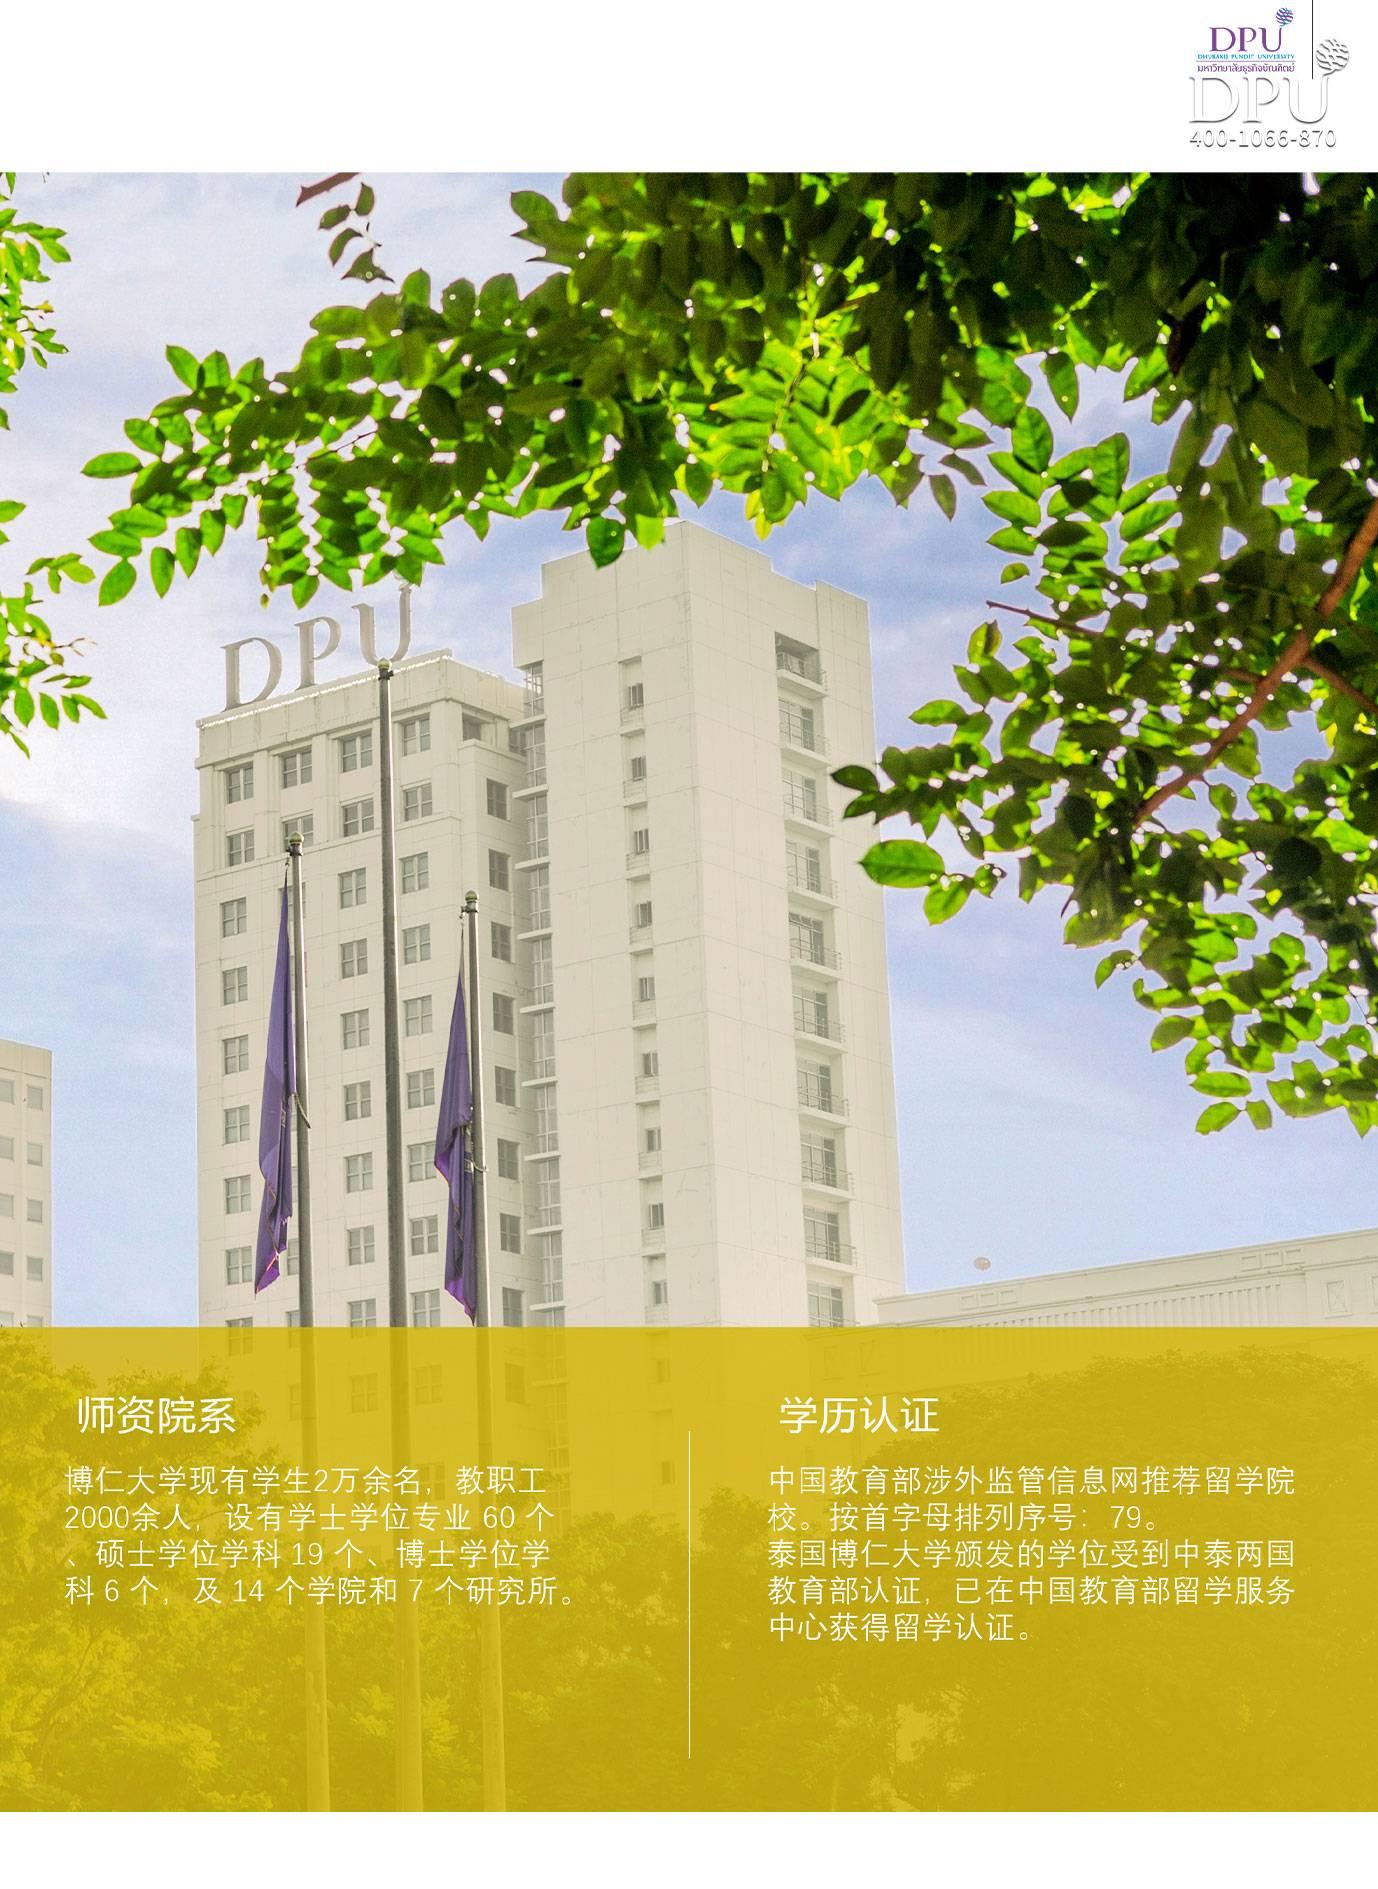 泰国博仁大学2022年招生简章8-3